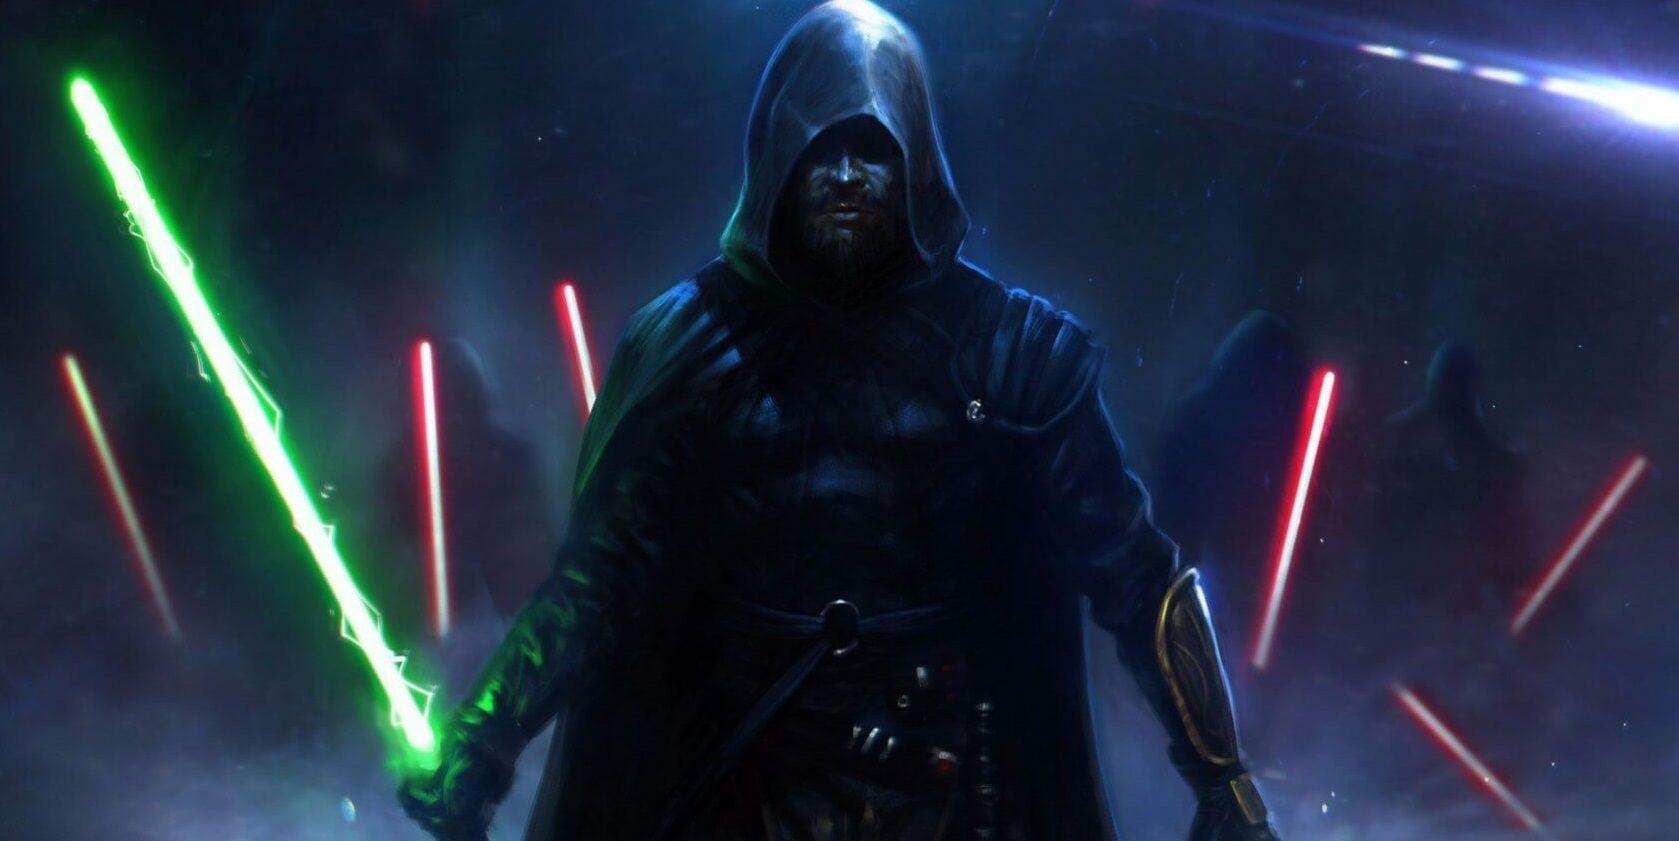 EA's Star Wars Jedi: Fallen Order May Release In Late 2019